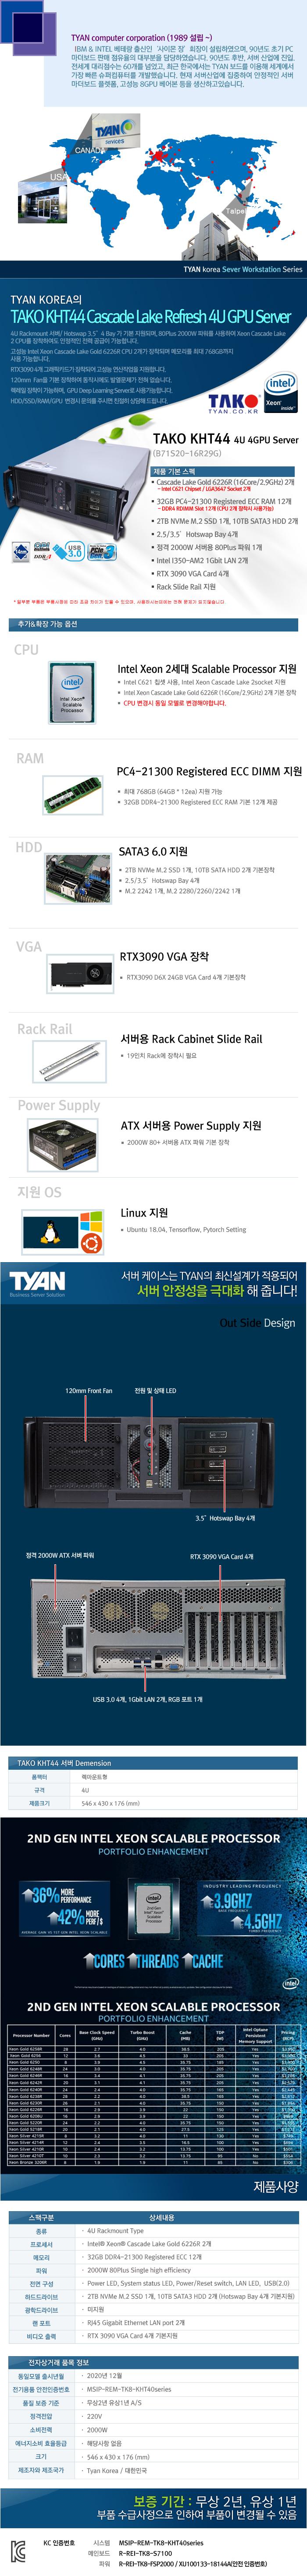 TYAN TAKO-KHT44-(B71S20-16R29G)-RTX3090 4GPU (384GB, M2 2TB + 20TB)